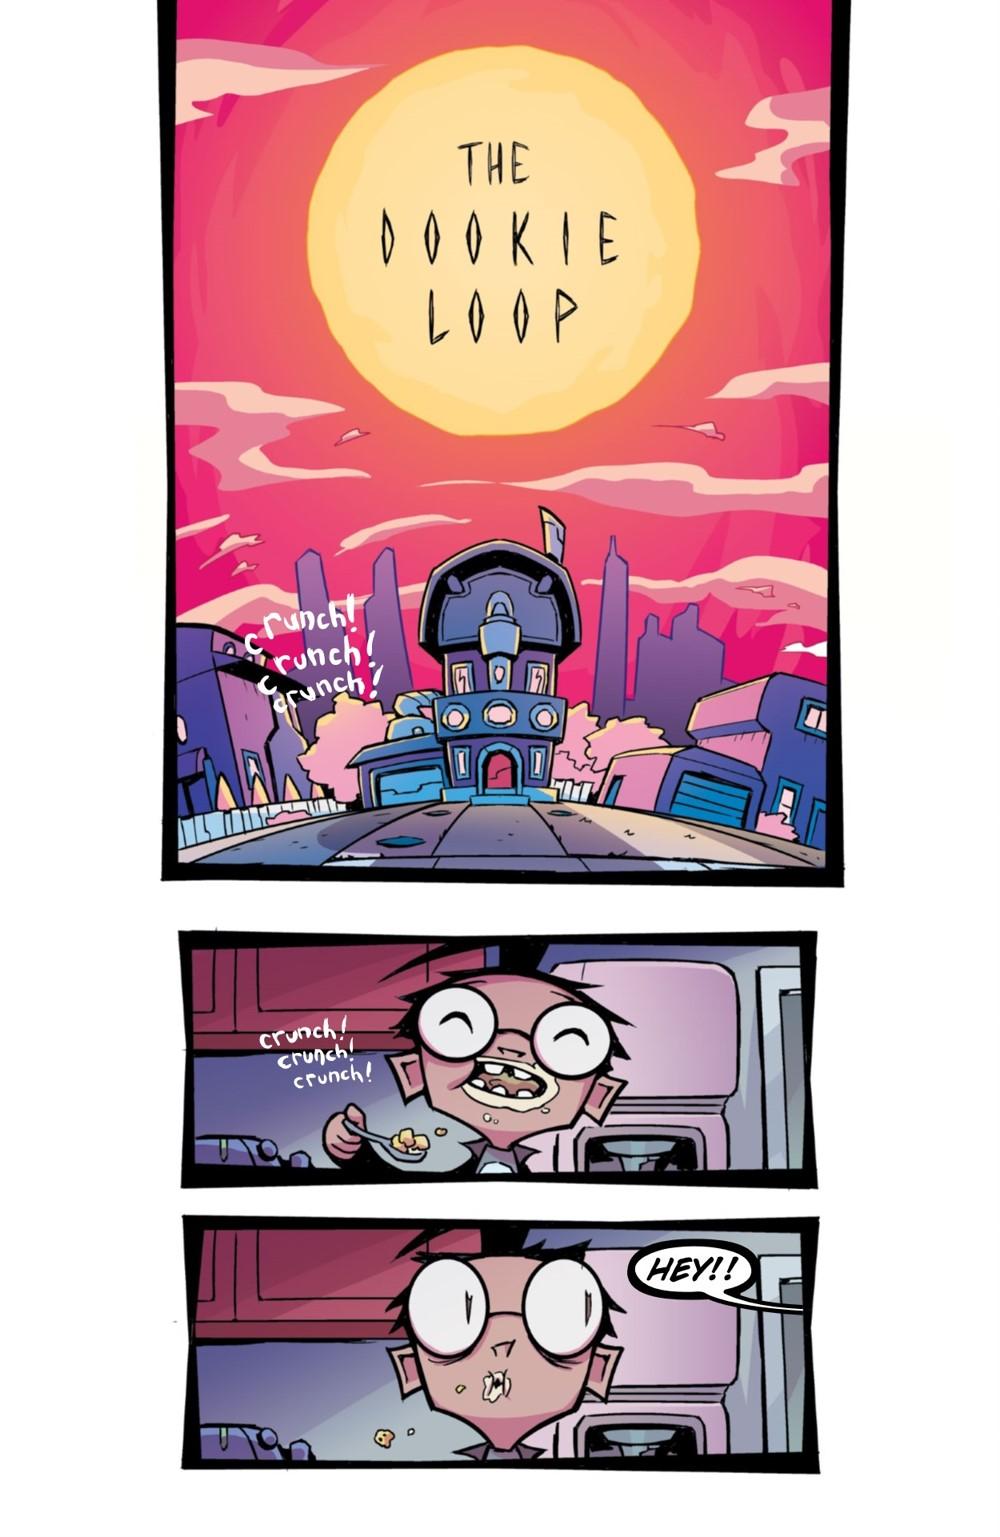 INVADERZIM-DOOKIE-LOOP-HORROR-MARKETING-07 ComicList Previews: INVADER ZIM THE DOOKIE LOOP HORROR #1